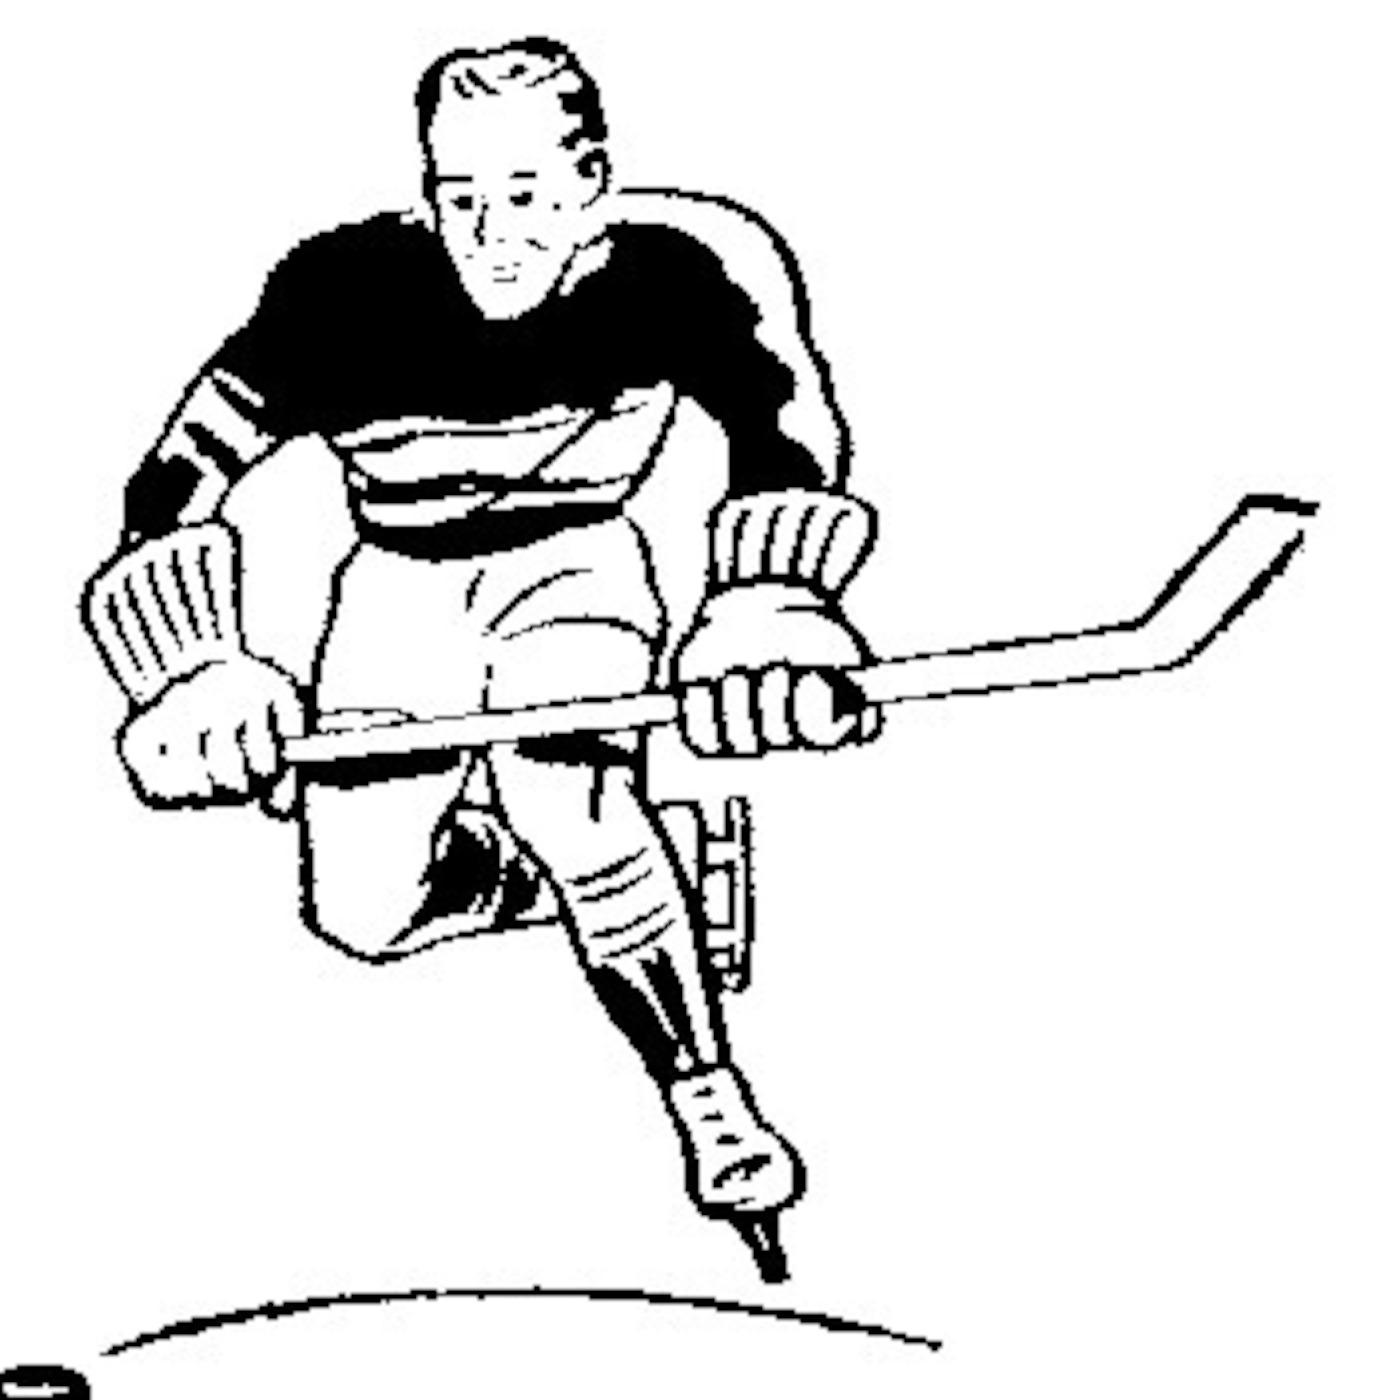 теплопроводность движущиеся картинки хоккей несет